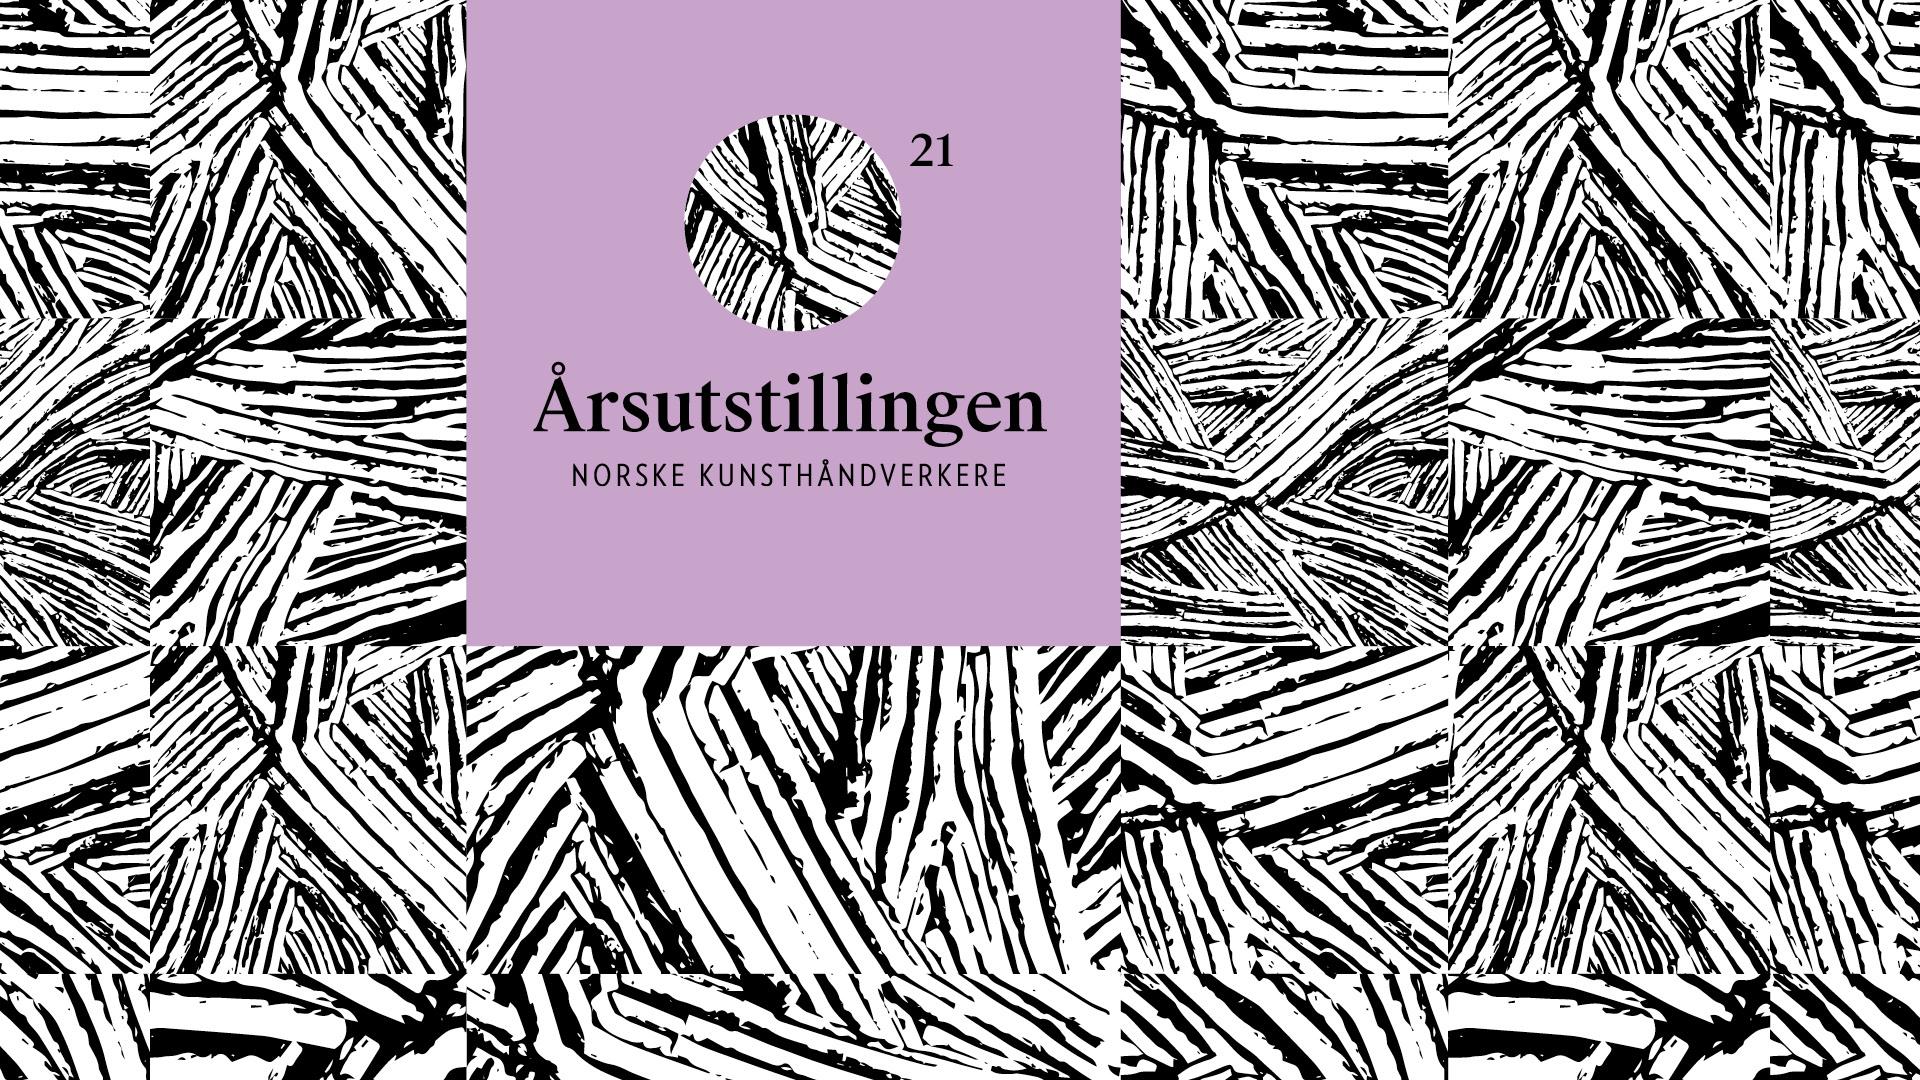 Årsutstillingen Norske Kunsthåndverkere 2021 Sørlandets Kunstmuseum